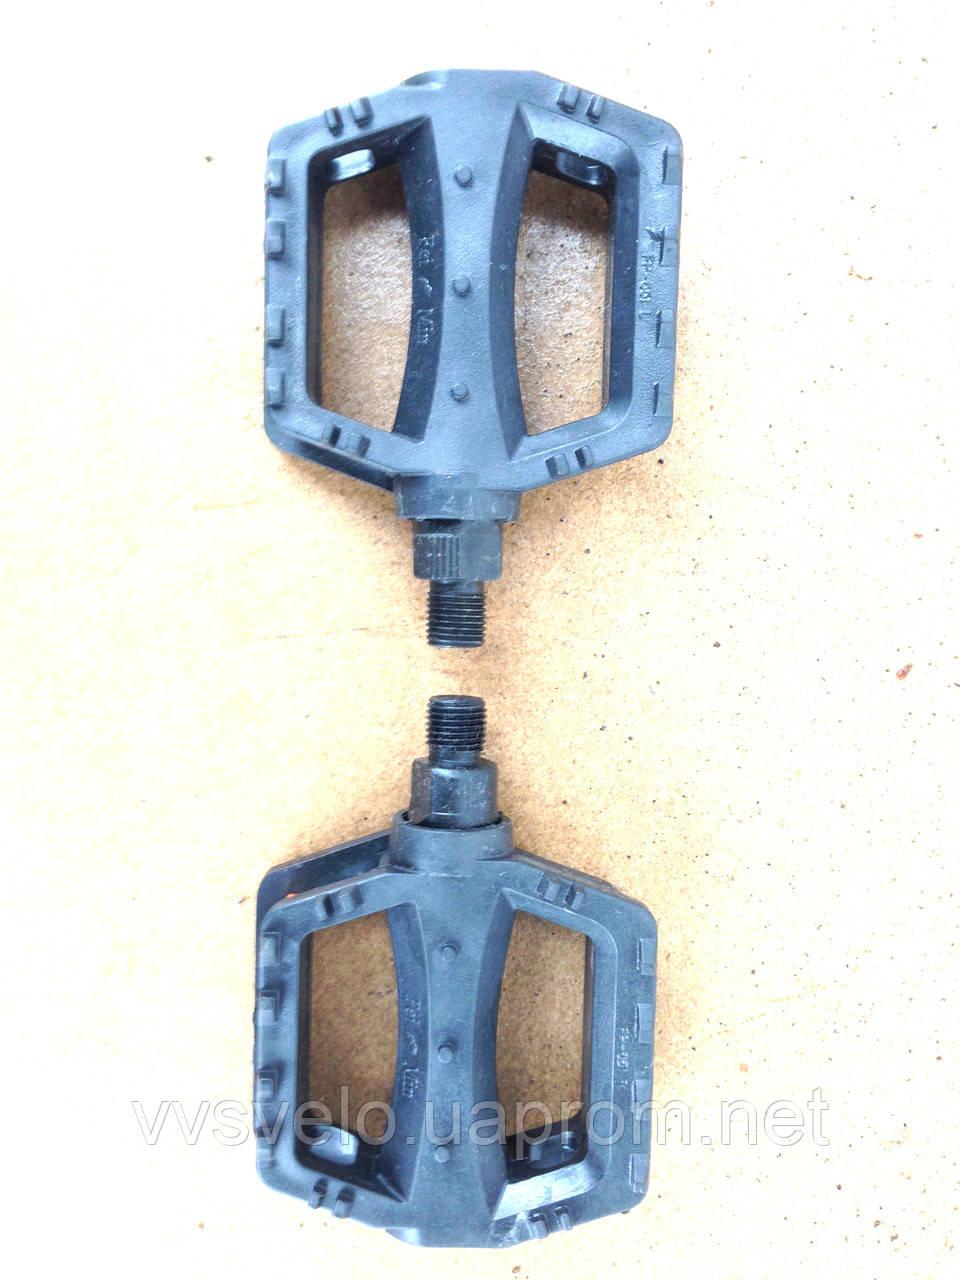 Педали FEMIN FP-650 BMX (детские) 9/14